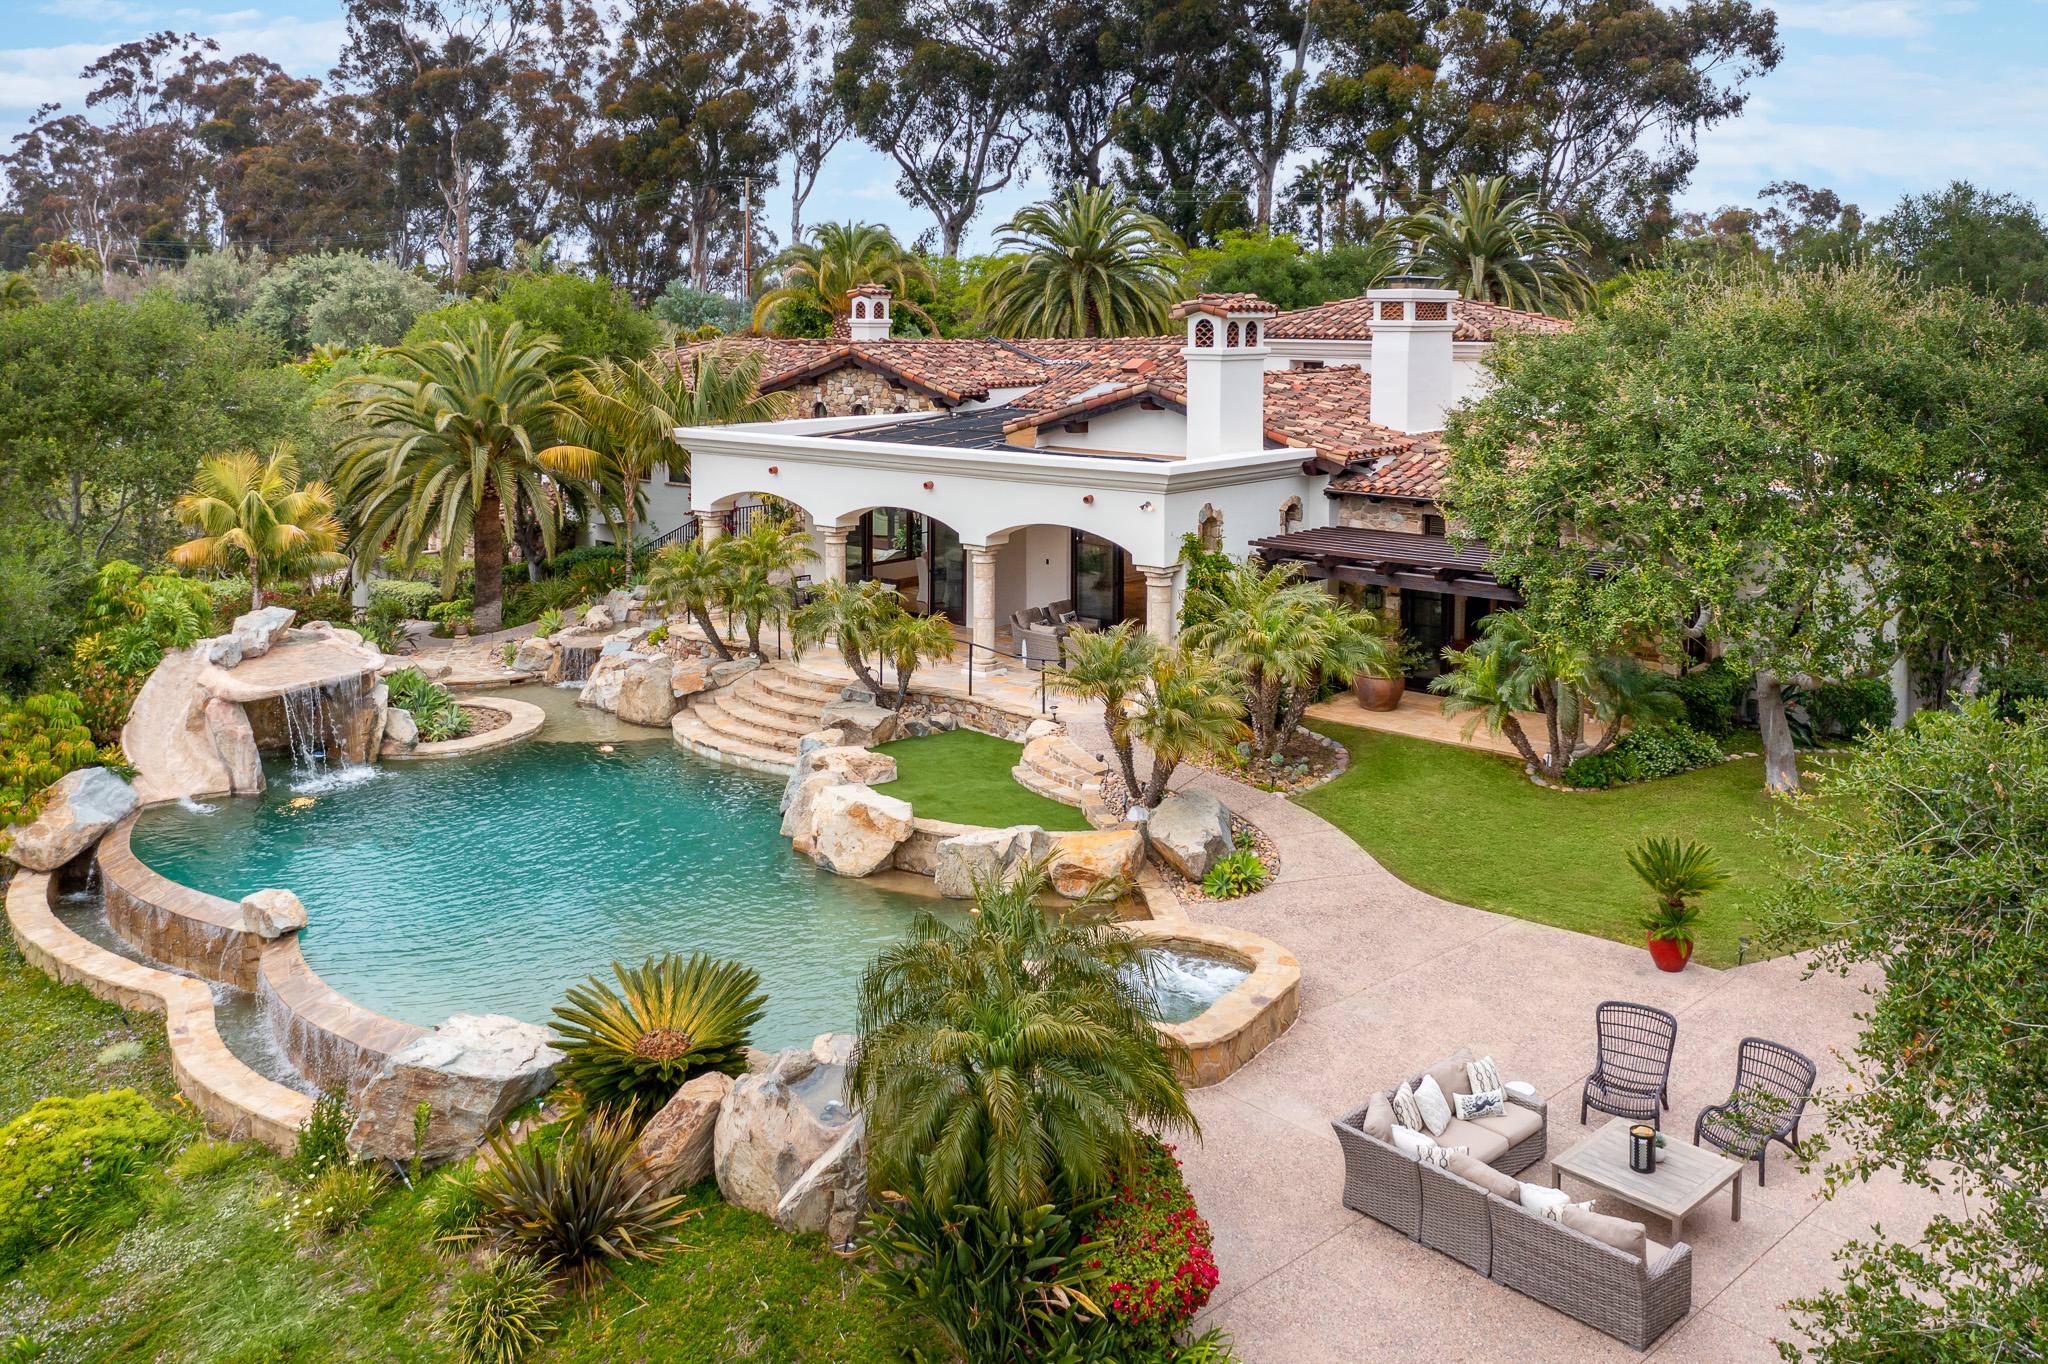 15440 Las Planideras -  Rancho Santa Fe, CA 92067